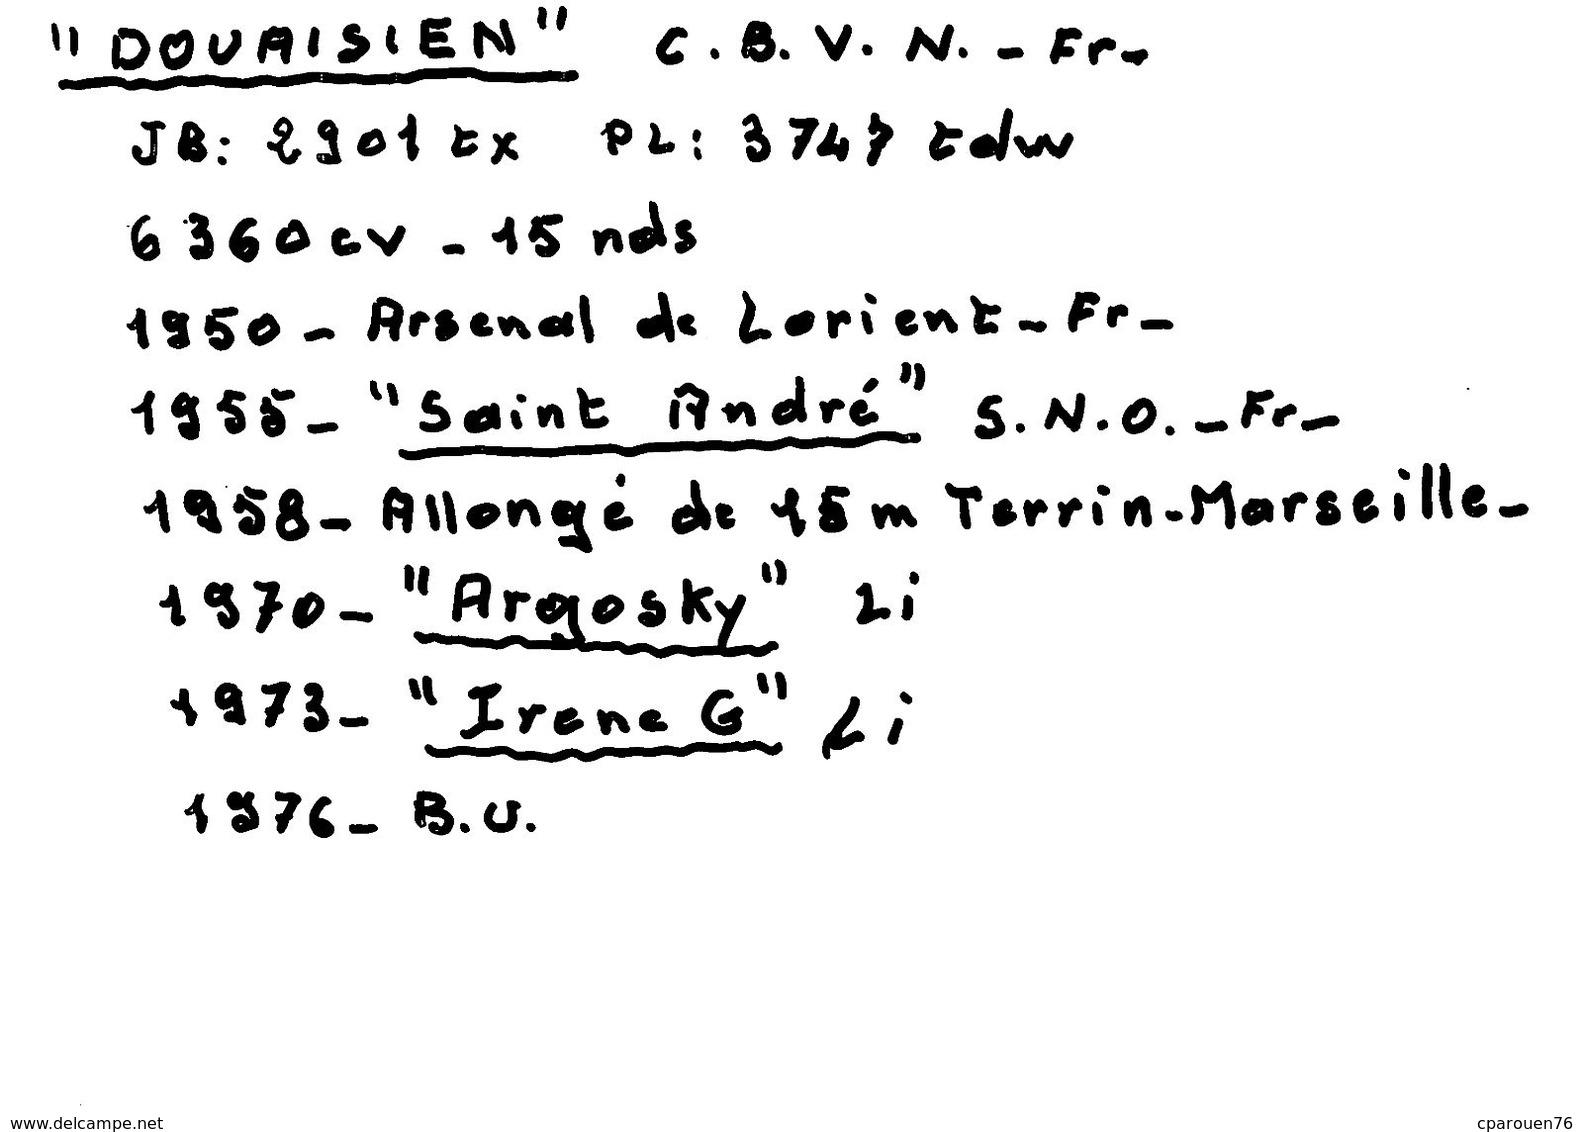 """Photo  Moderne Bateau Identifié """" Douaisien """" C.B.V.N 1950 Arsenal De Lorient 1955 """" Saint André """" De Lorient ."""" Argosky - Boten"""